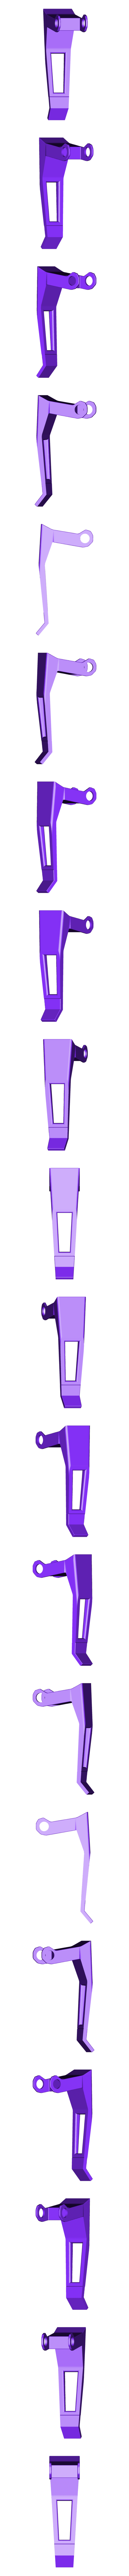 4 Poignée.stl Télécharger fichier STL gratuit FanArt d'une Grenade Gaz • Design à imprimer en 3D, cedland